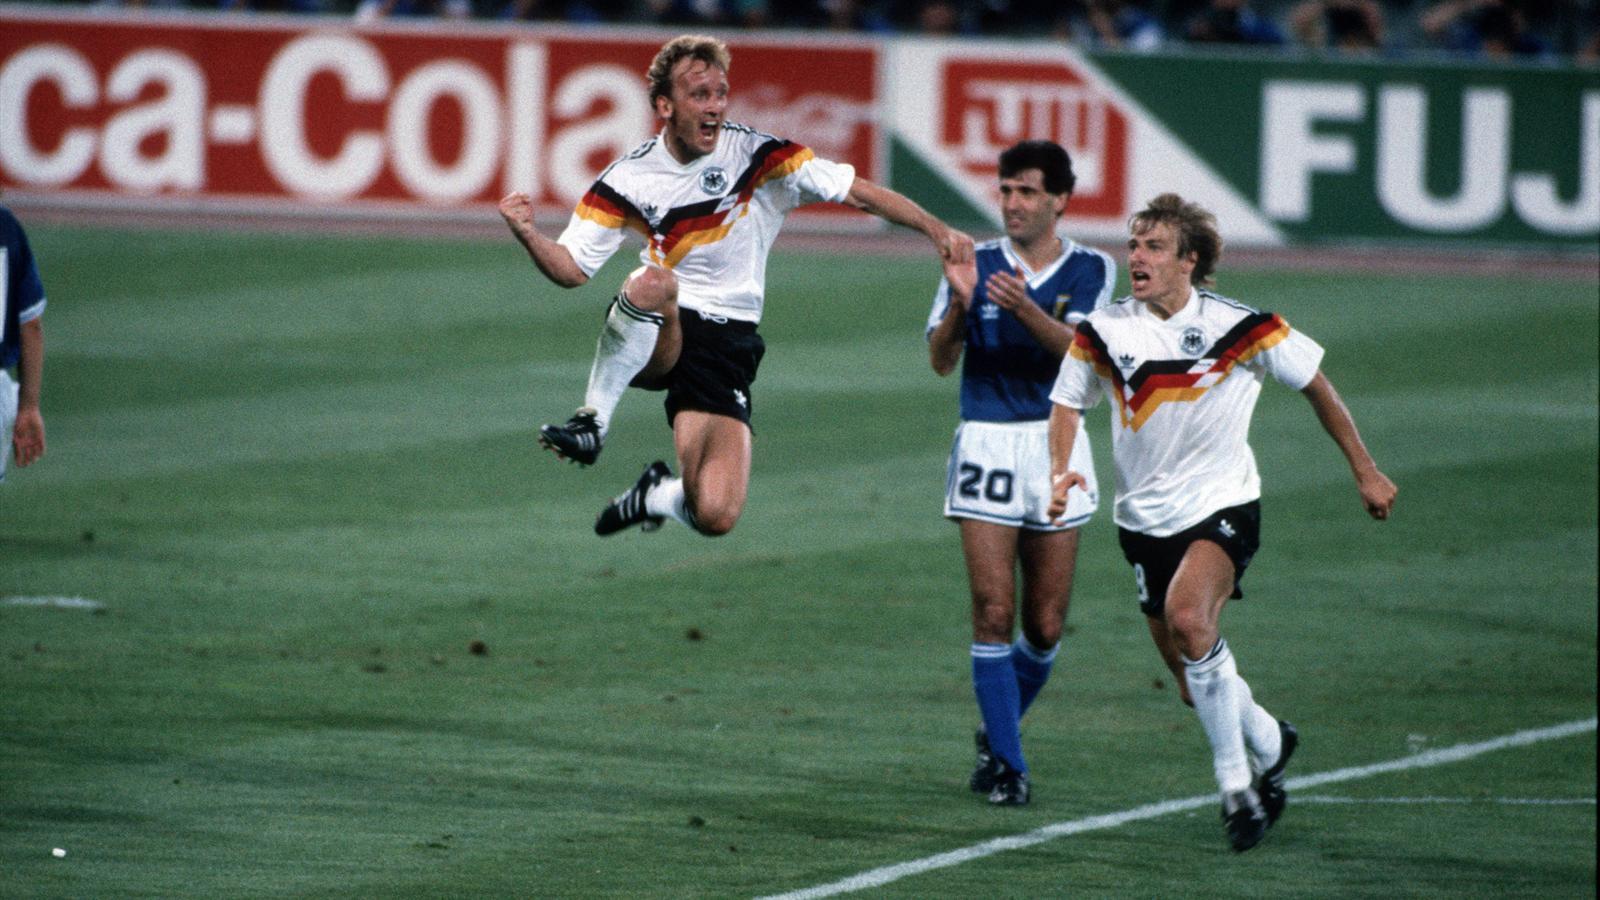 Avant allemagne argentine le top 10 des classiques de la coupe du monde coupe du monde - Penalty coupe du monde 2010 ...